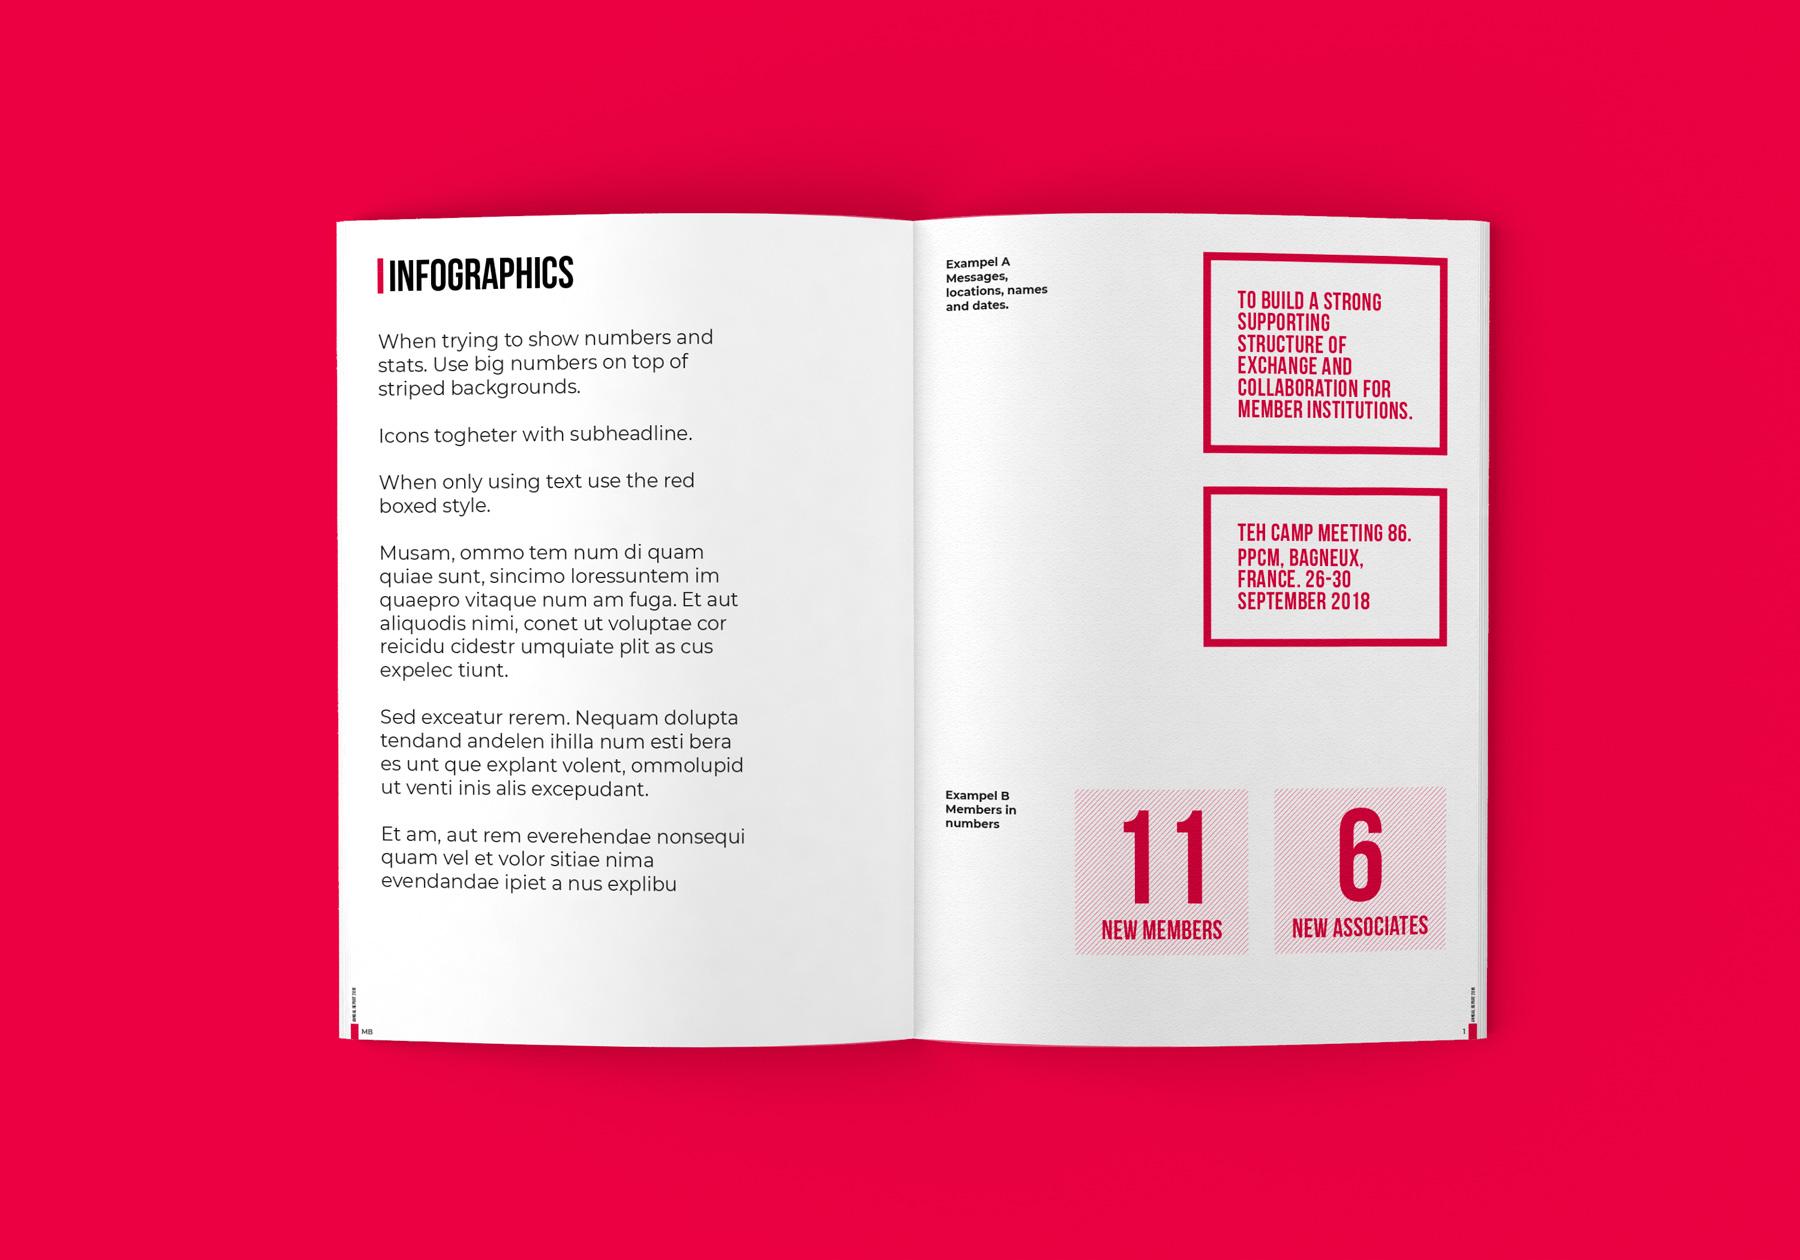 Uppslag från Trans Europe Halles varumärkes profil och manual - Infographic